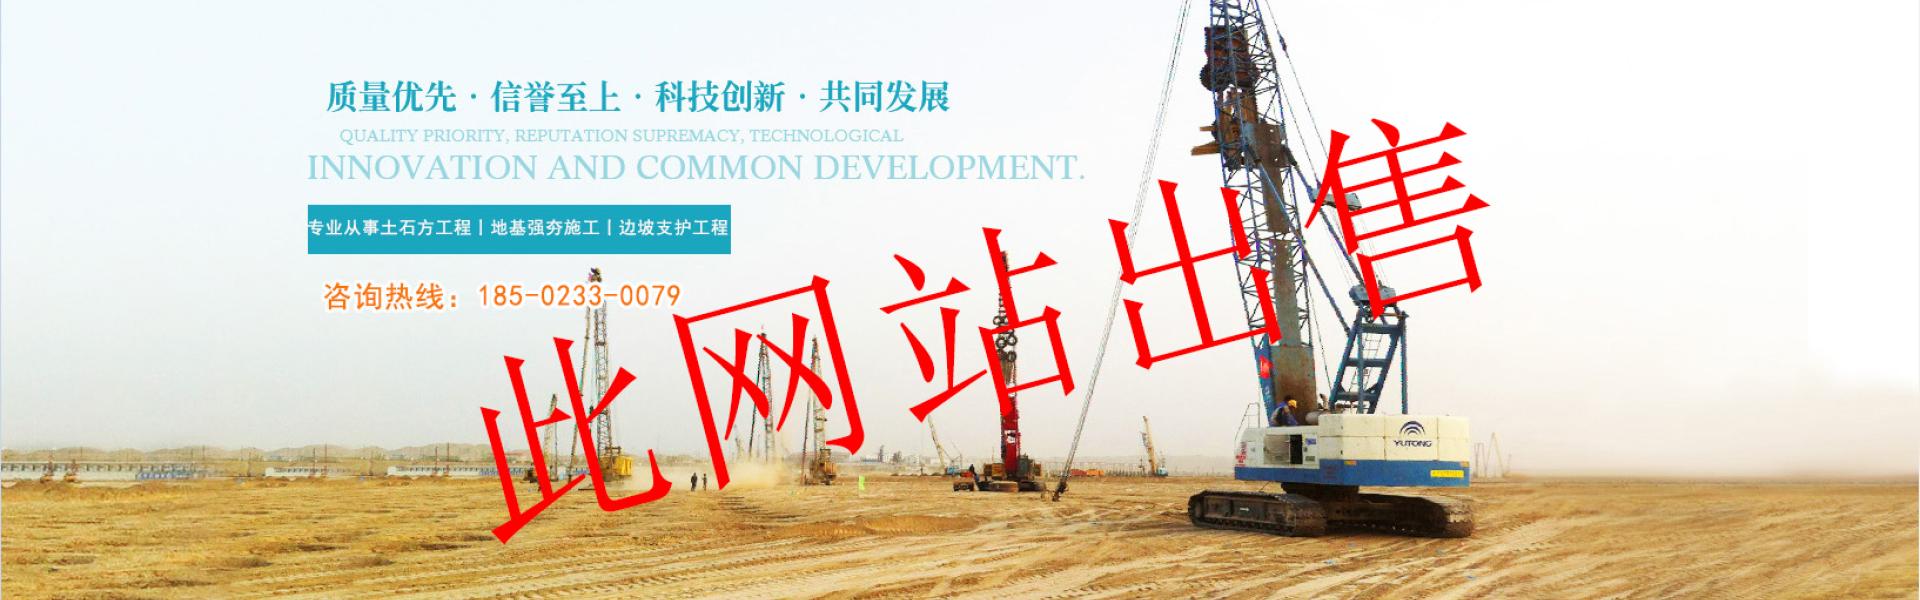 质量优先、信誉至上、科技创新、共同发展:专业从事重庆土石方工程、重庆地基强夯施工、重庆边坡支护工程。